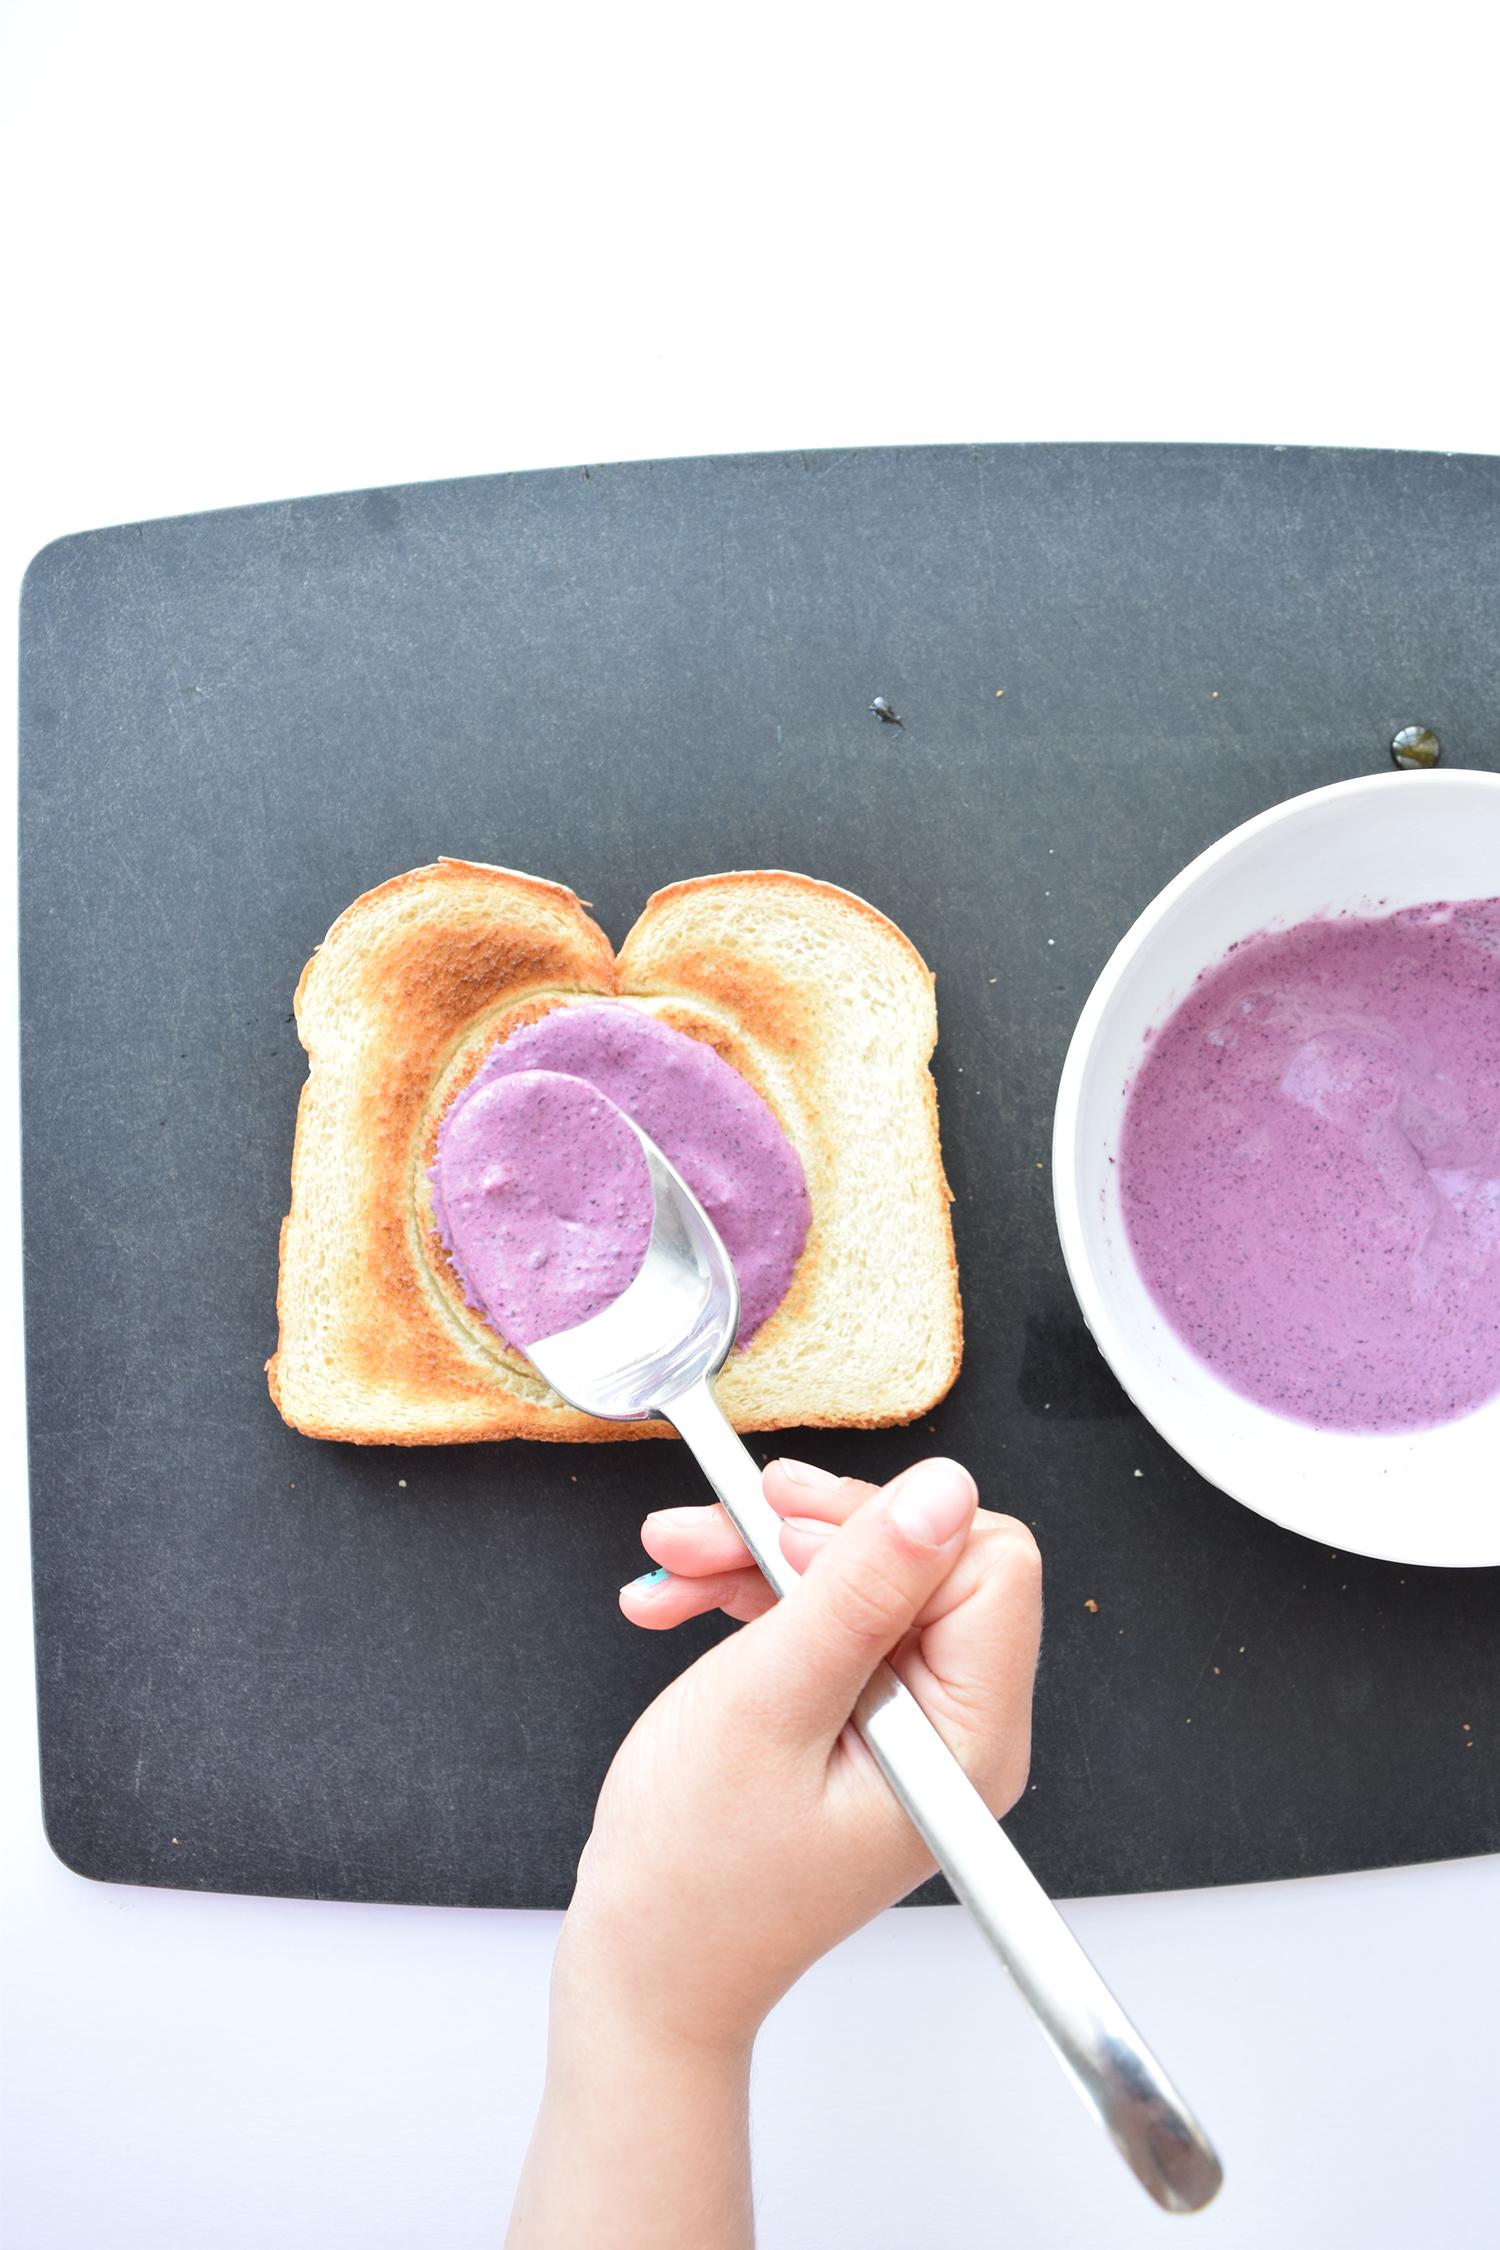 blue_moon_toast_3.jpg